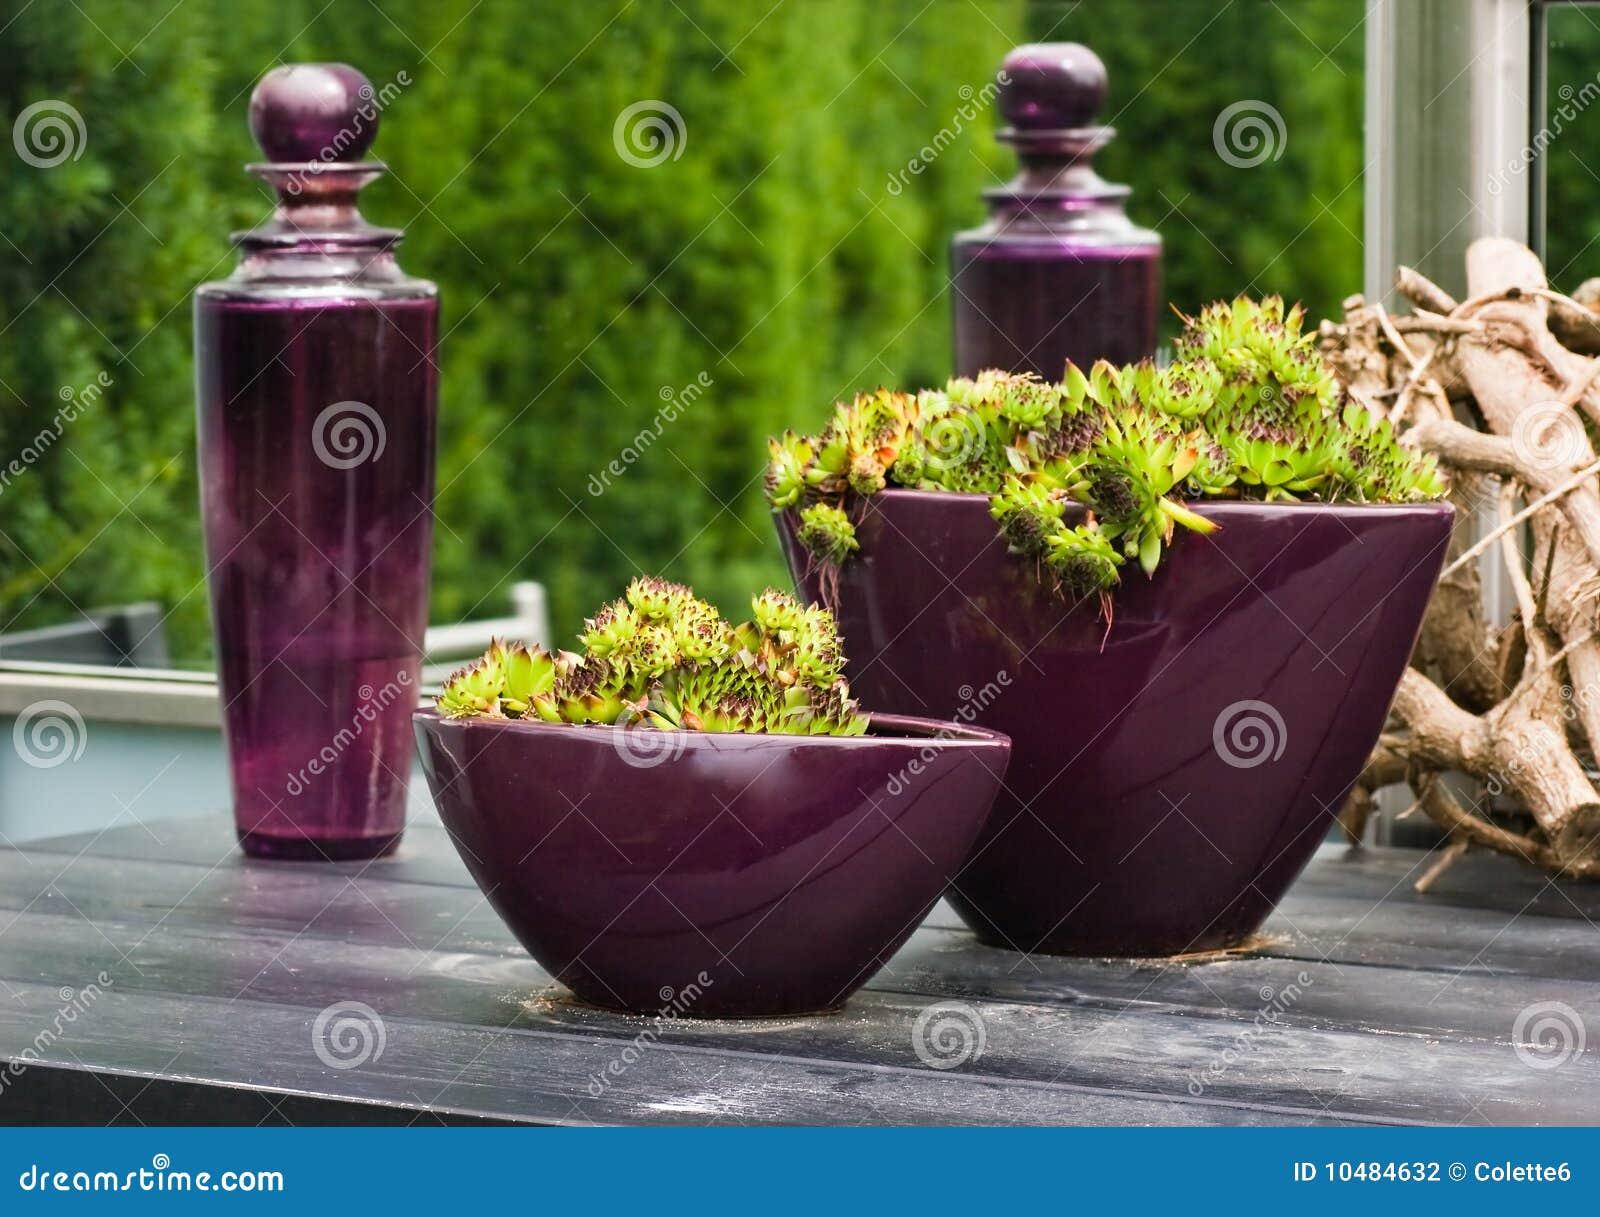 Bottiglie di vetro e vasi viola con le piante fotografia for Vasi ermetici vetro